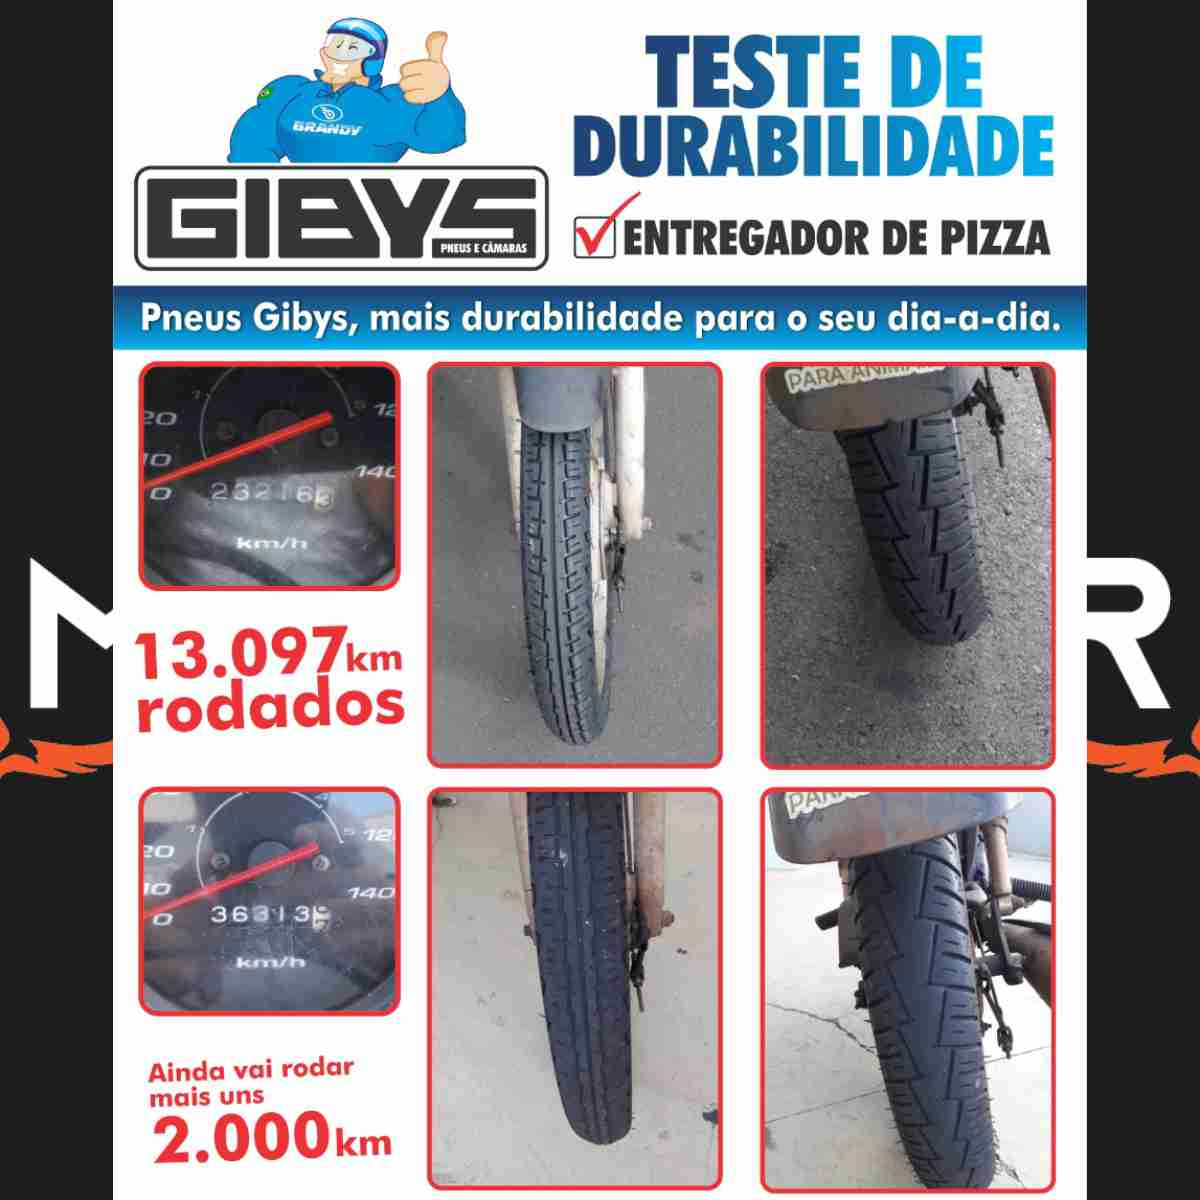 PNEU DE MOTO BRANDY GIBYS BYCITYPOWER TRASEIRO 90/90-18 51P USO SEM CÂMARA